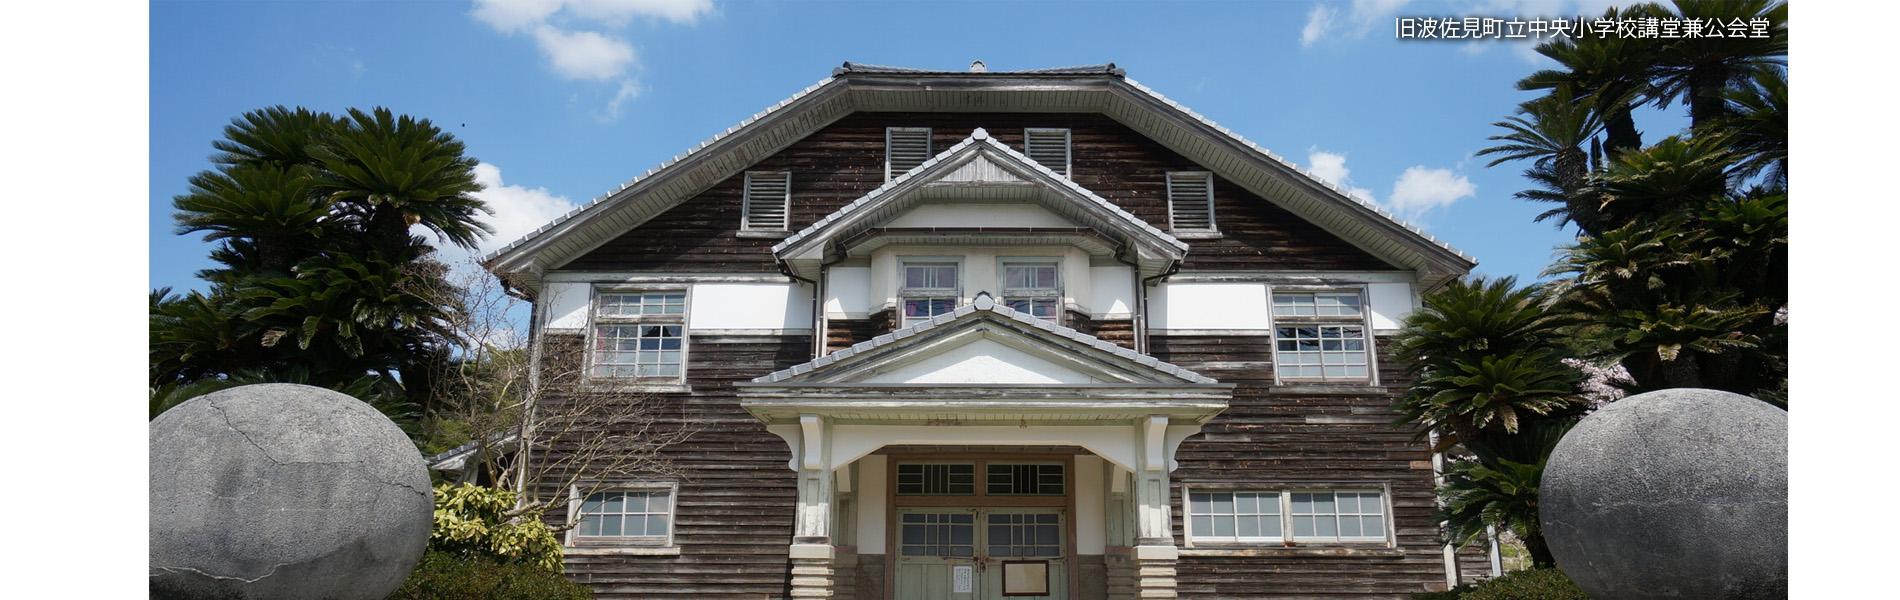 土地、建物の登記は、専門家の土地家屋調査士にお任せください